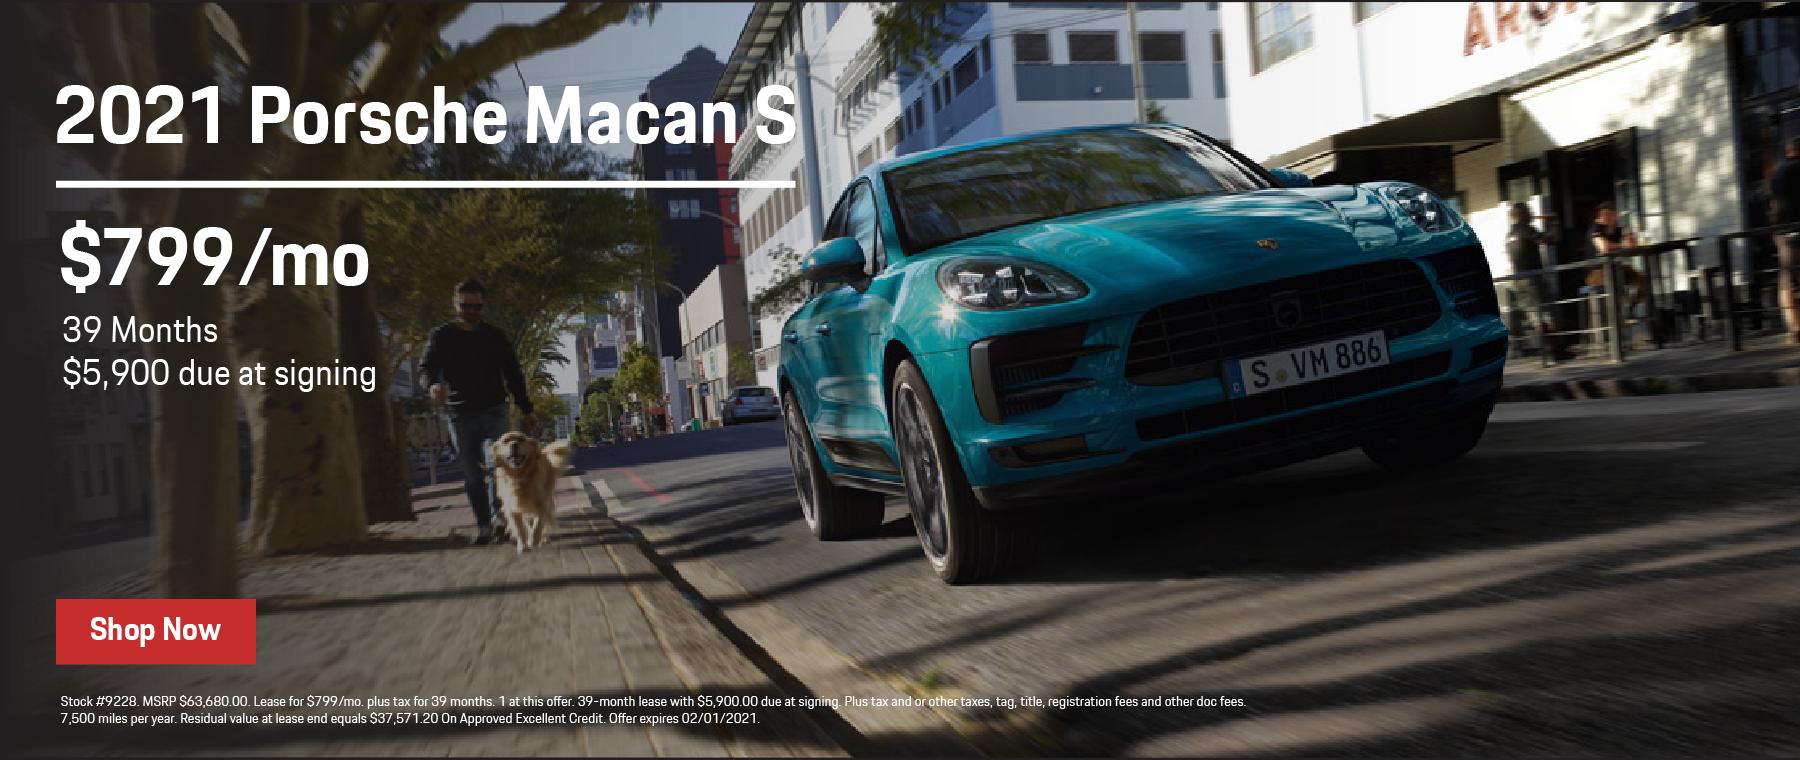 2021 Macan S $799